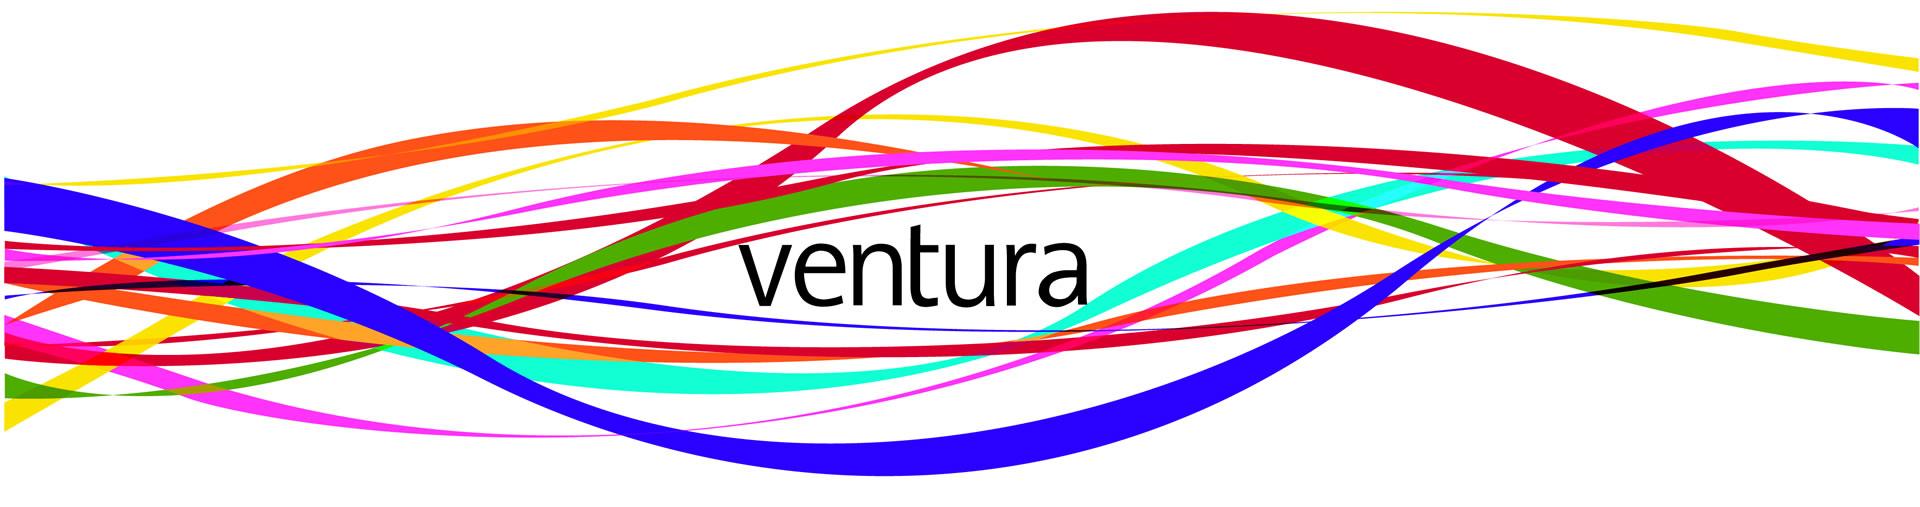 Dental Madespa - Ventura